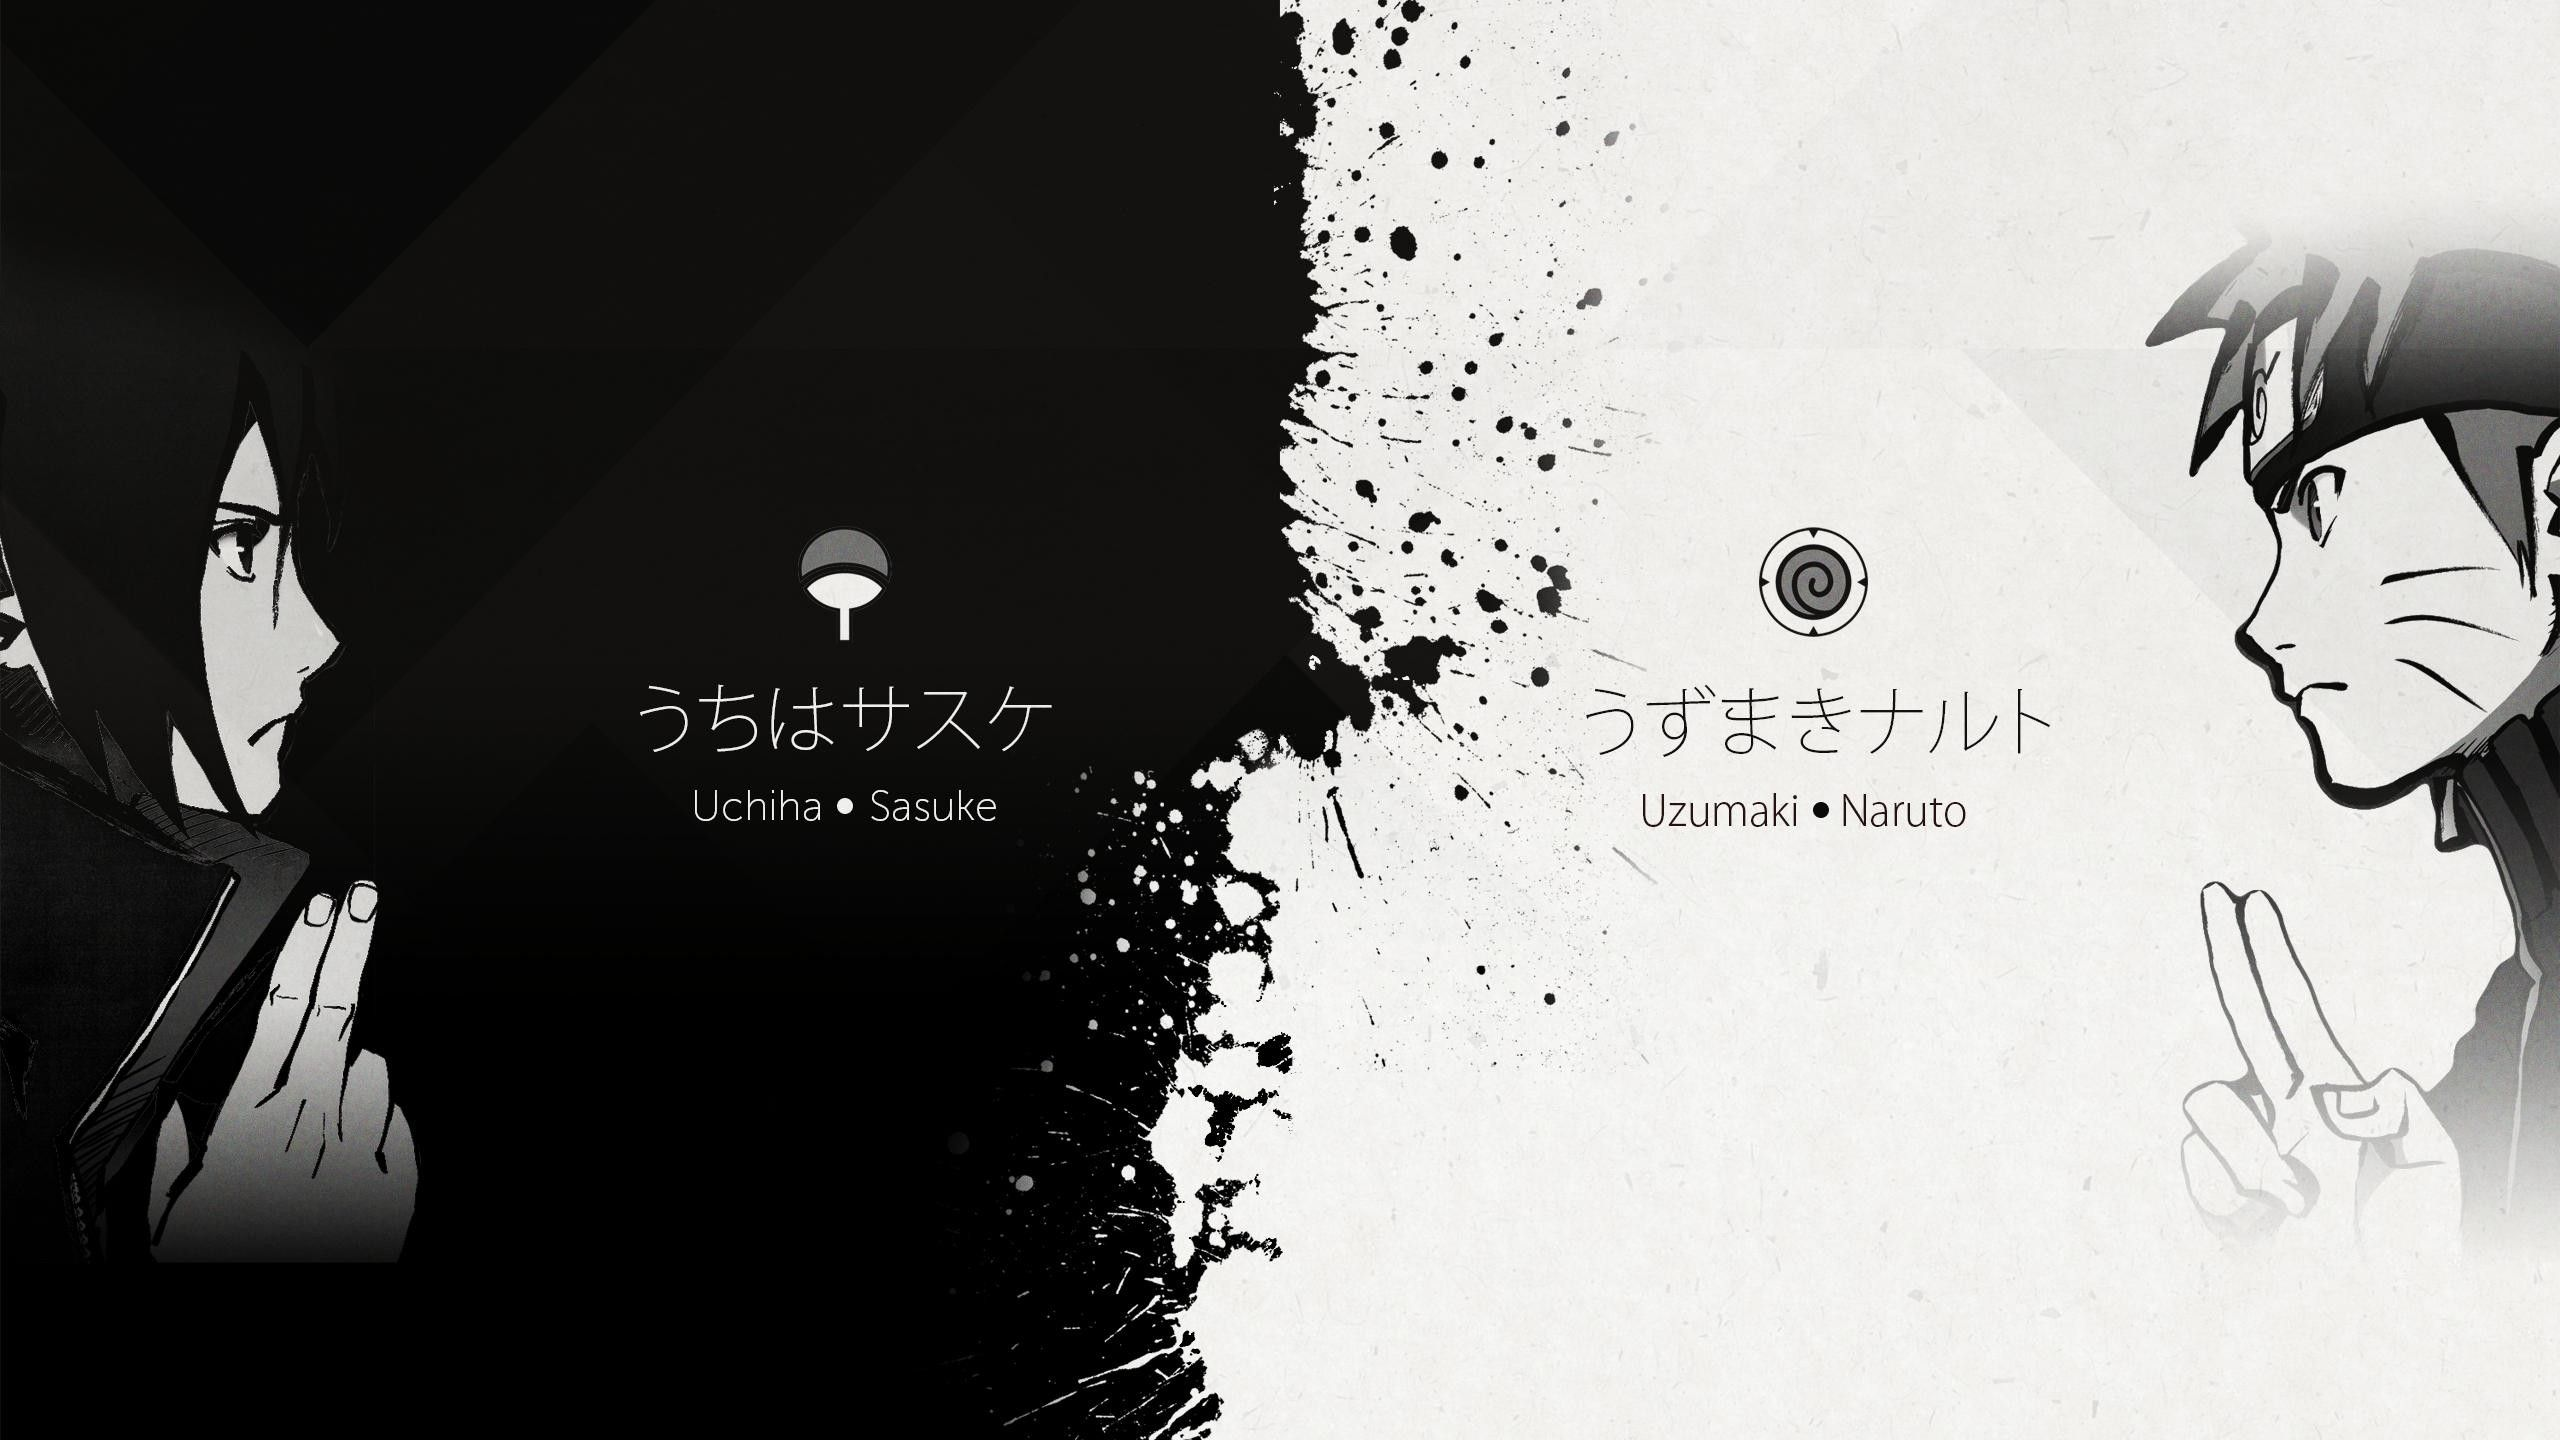 Download wallpapers Sasuke Uchiha, neon lights, manga